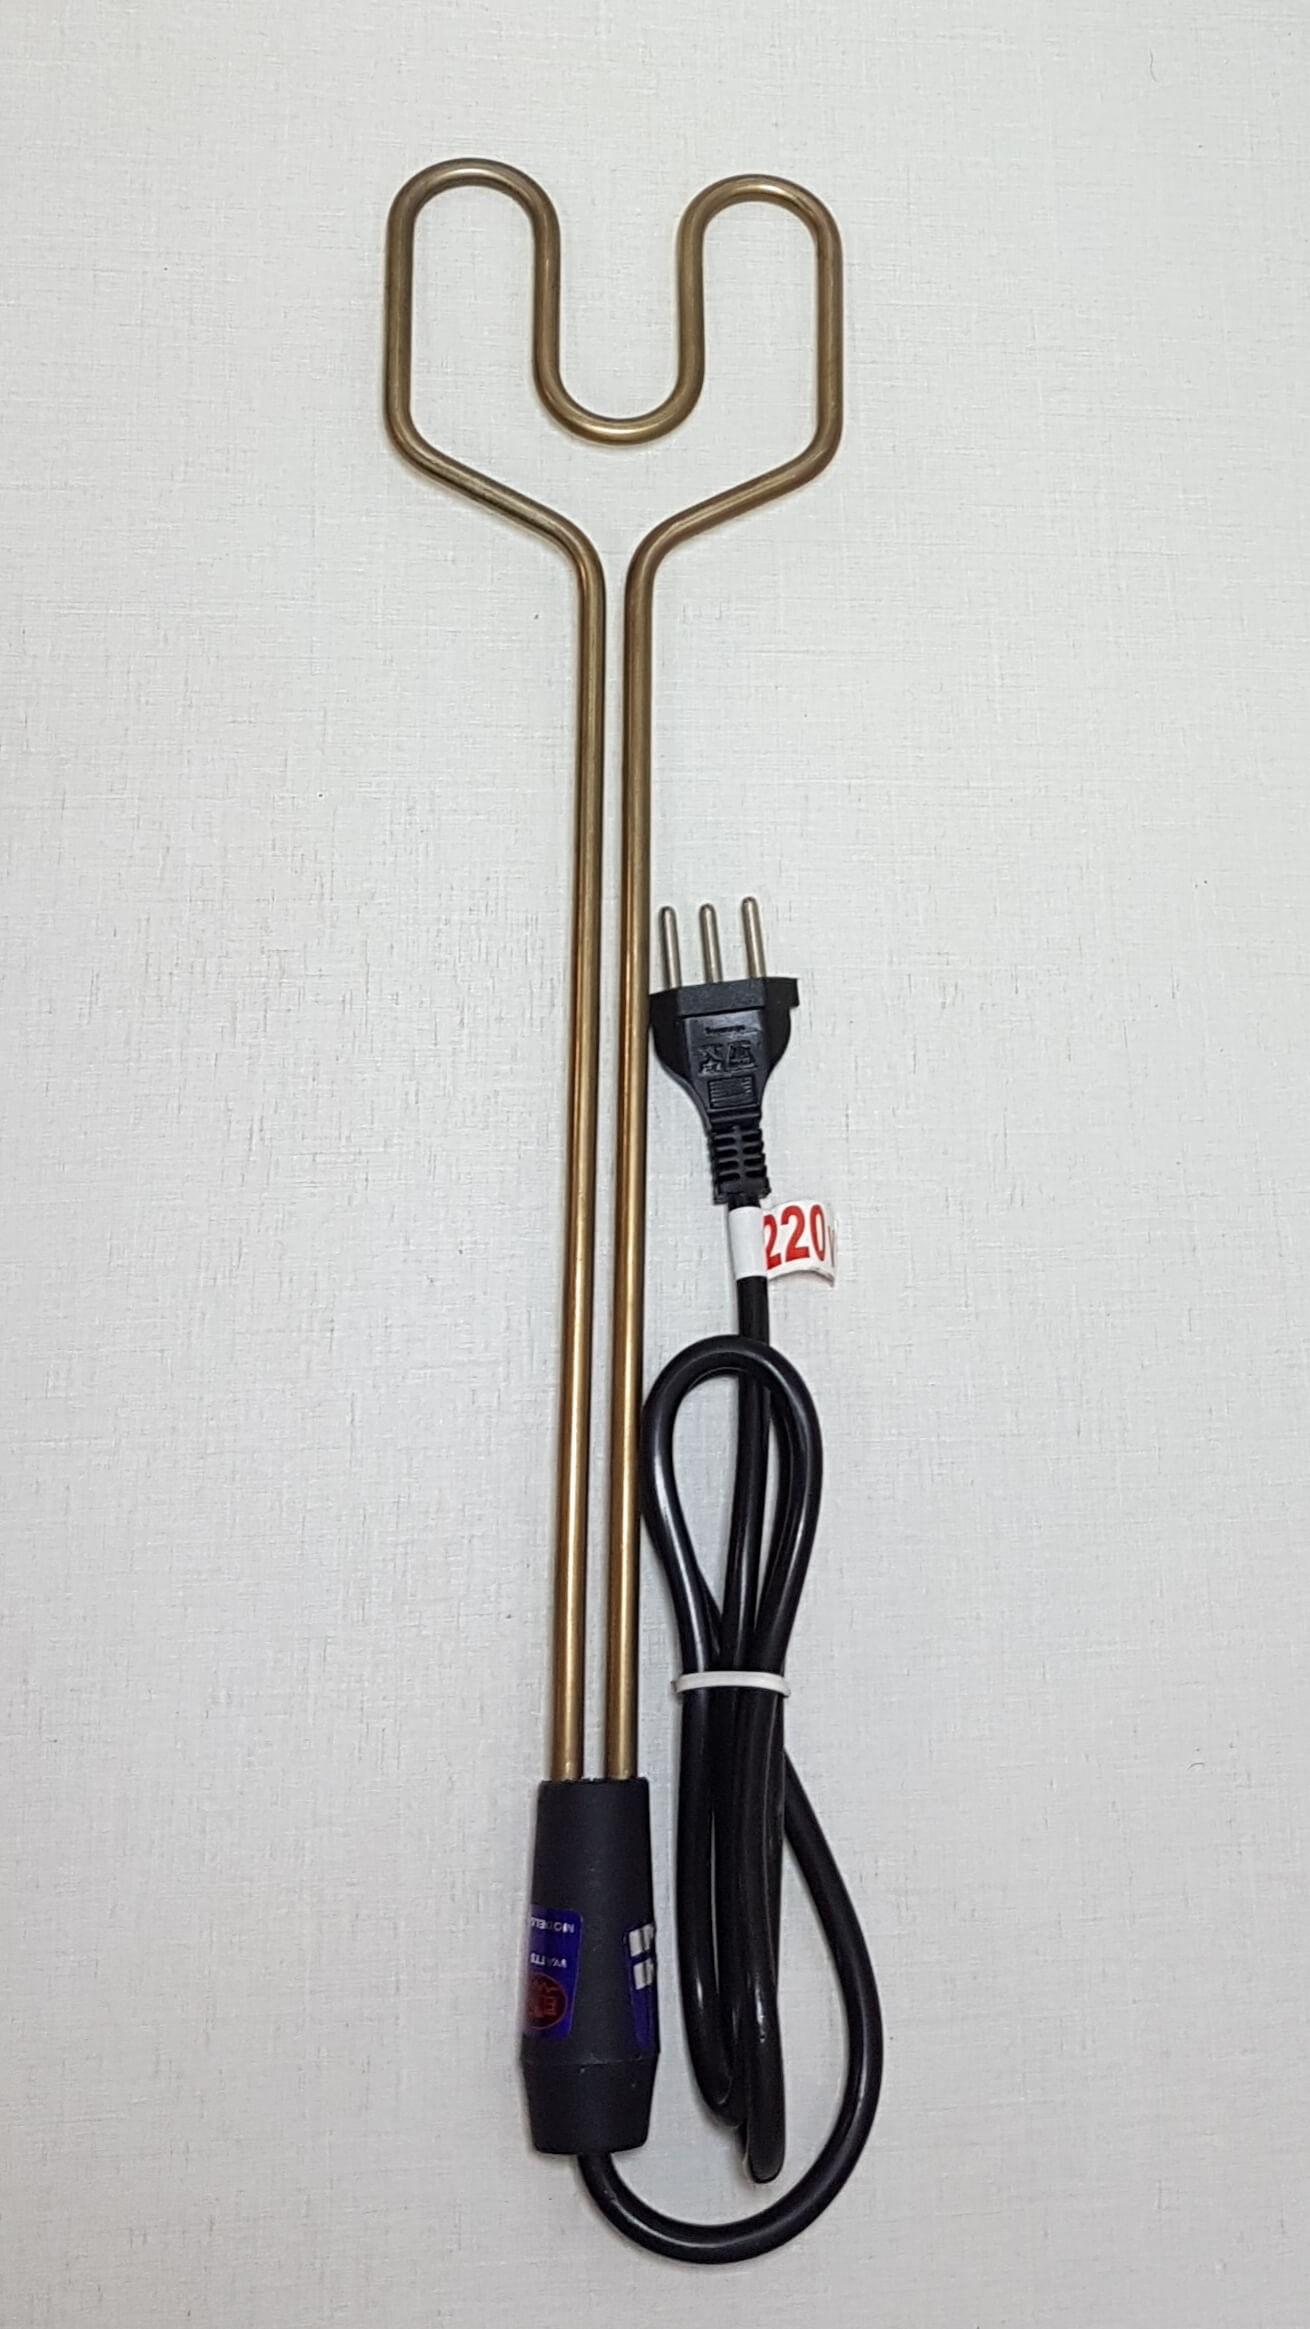 Acendedor Elétrico Para Churrasqueira - 220V